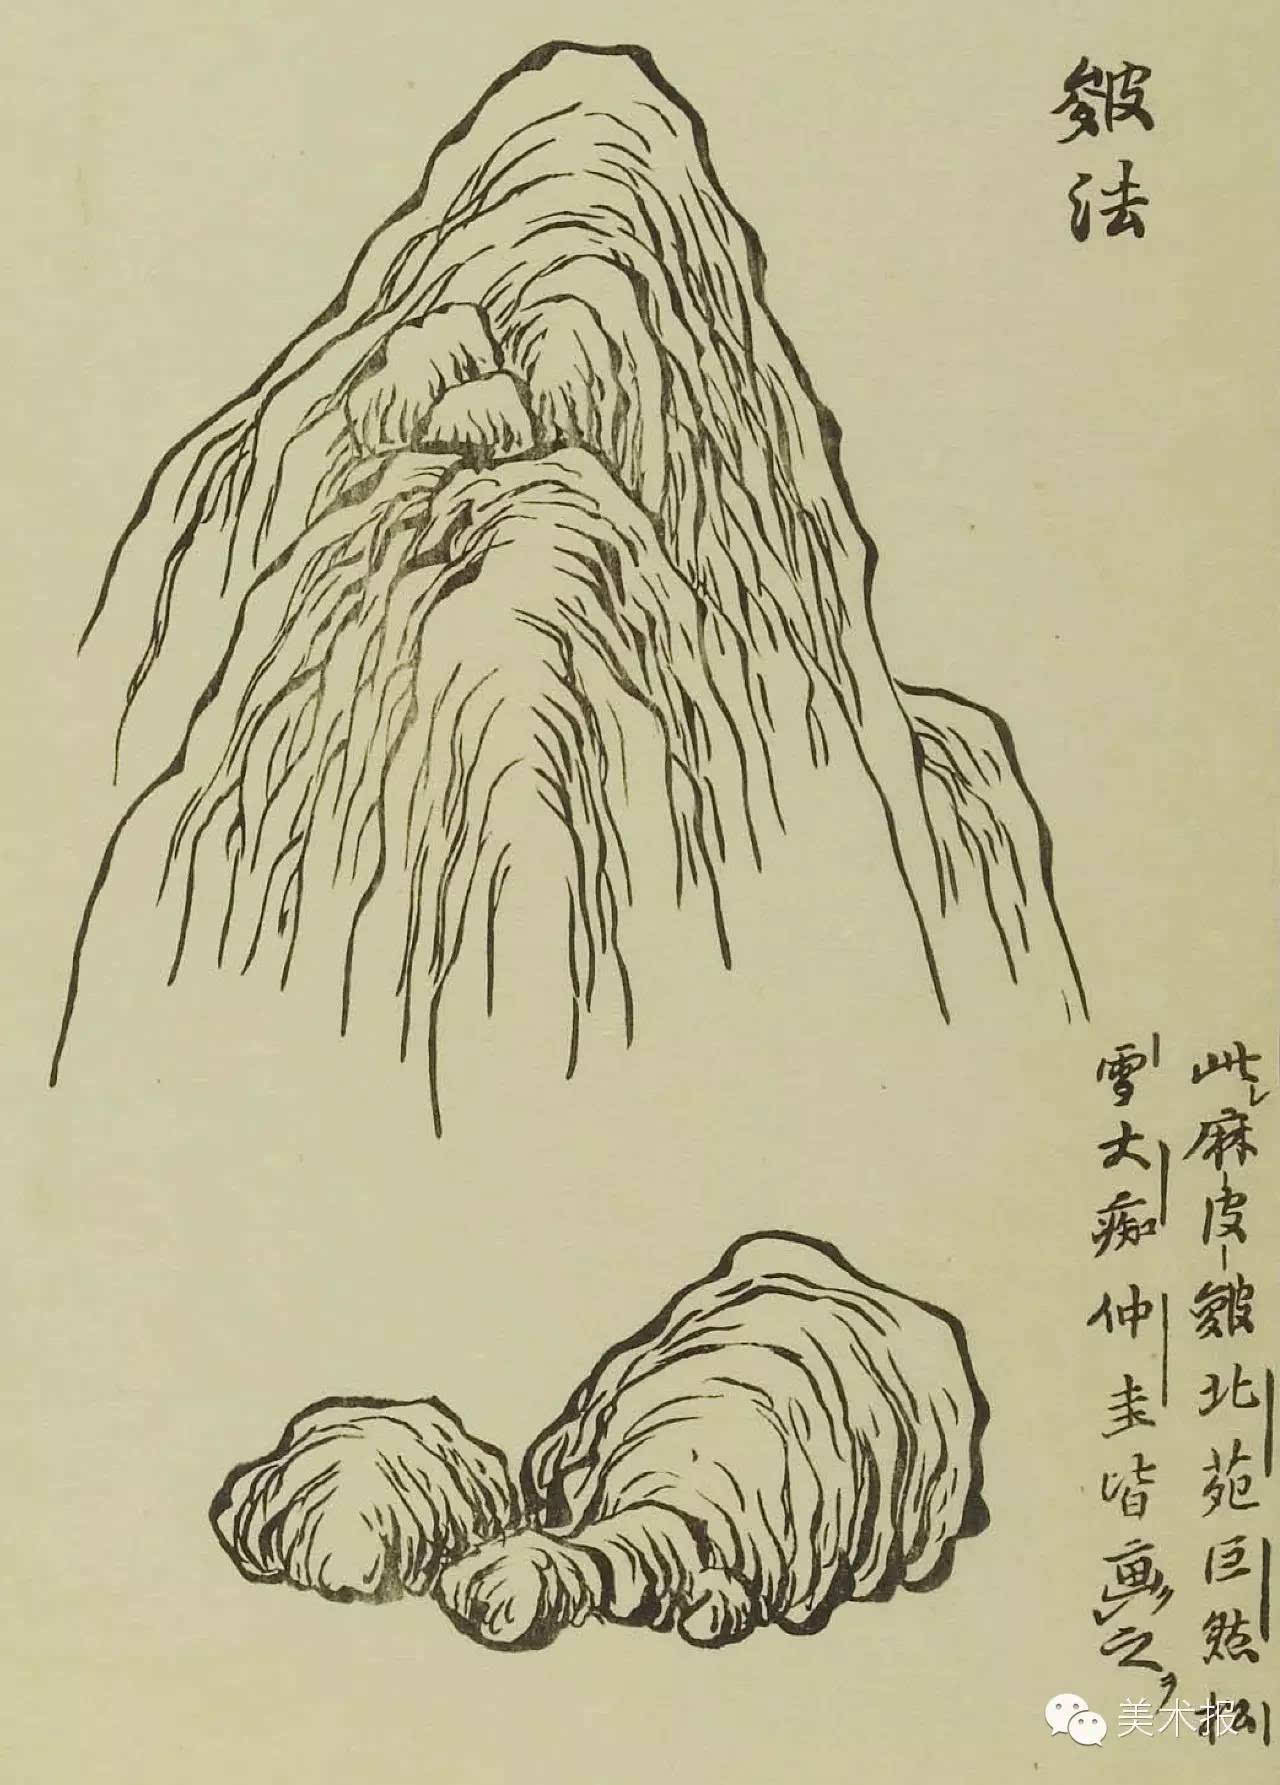 国画 简笔画 手绘 线稿 1280_1785 竖版 竖屏